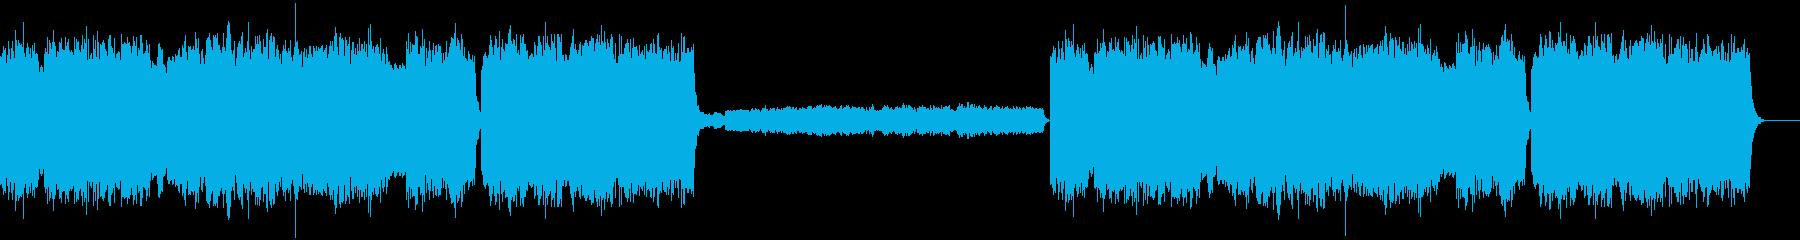 教会のオルガンの再生済みの波形